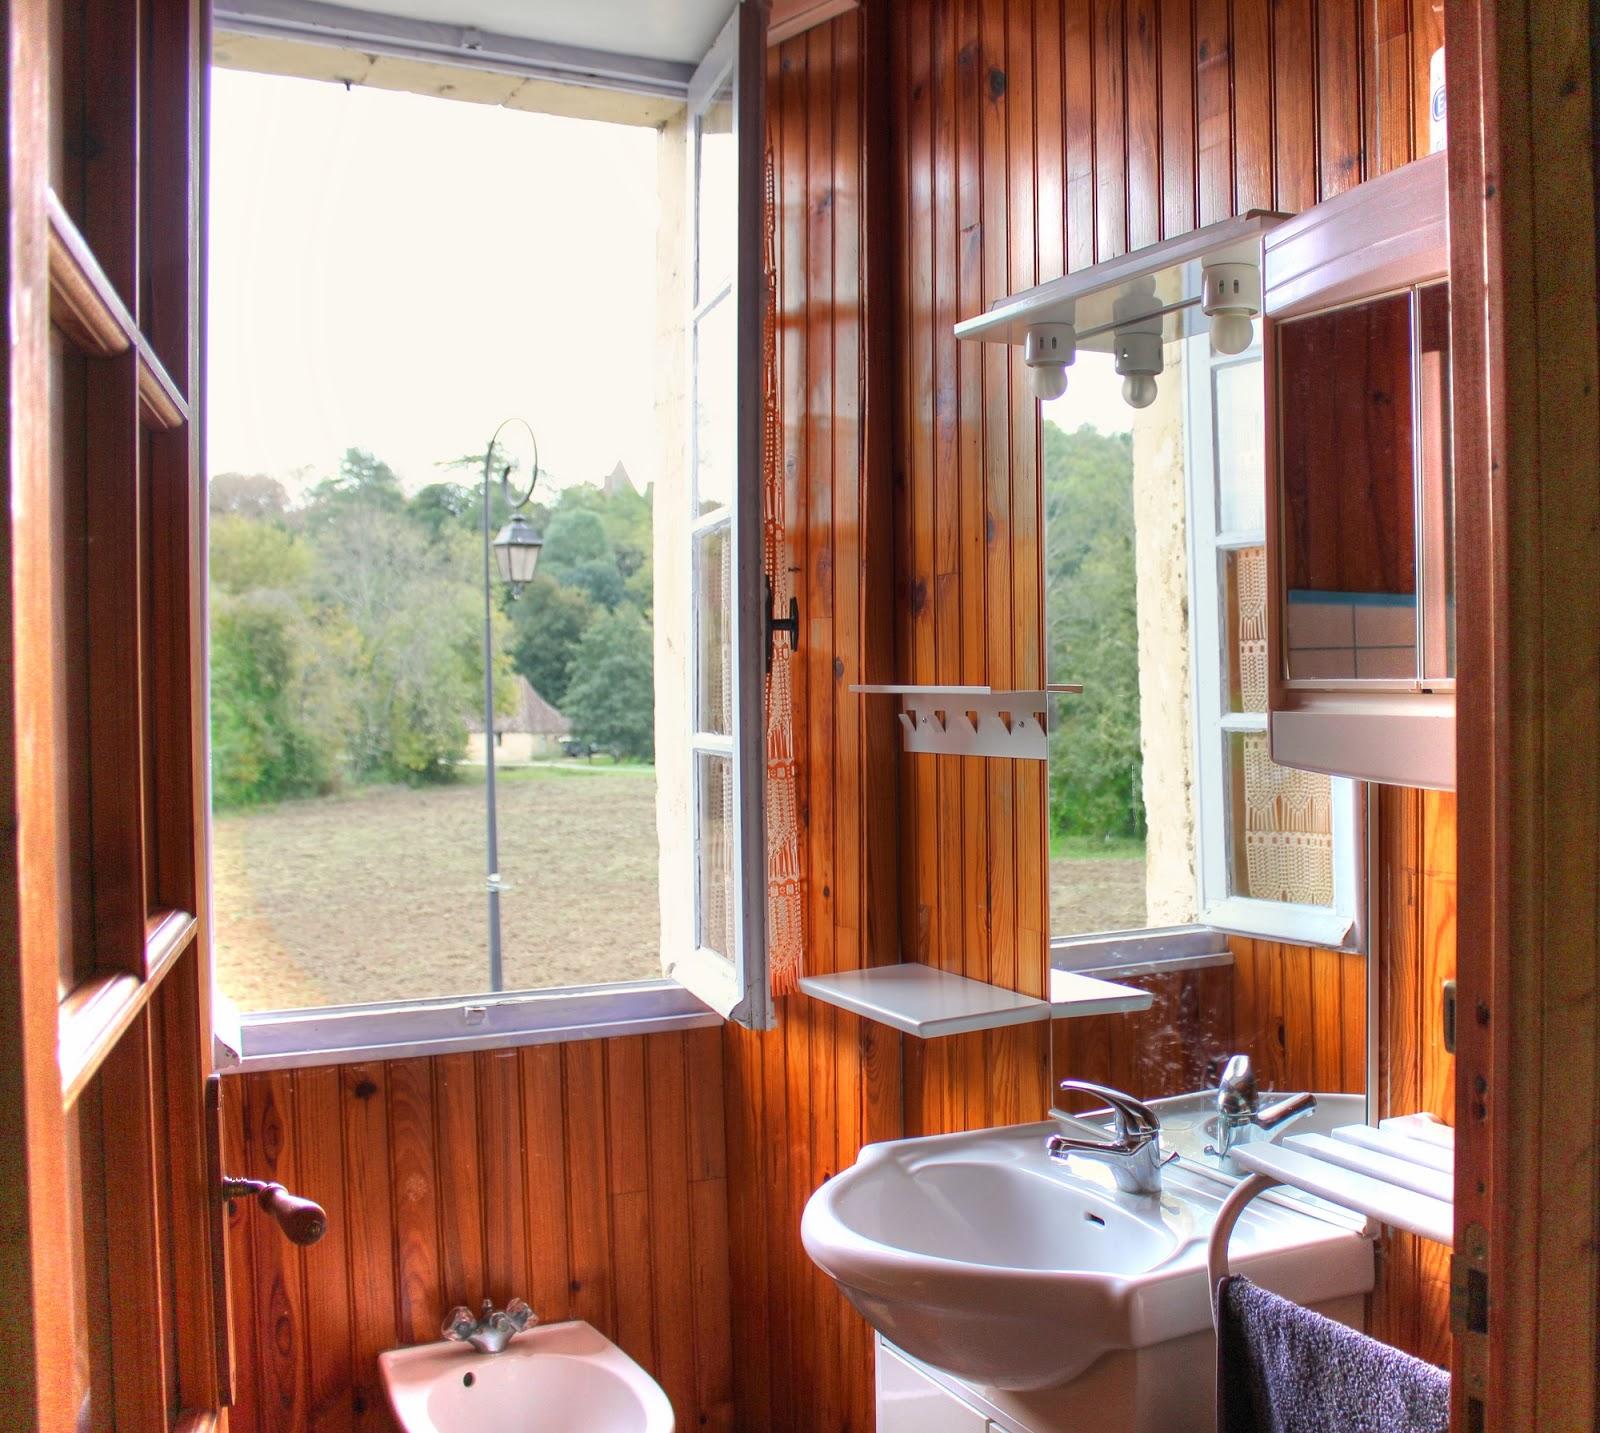 Notre maison vendre en dordogne photos for Salle de bains in english